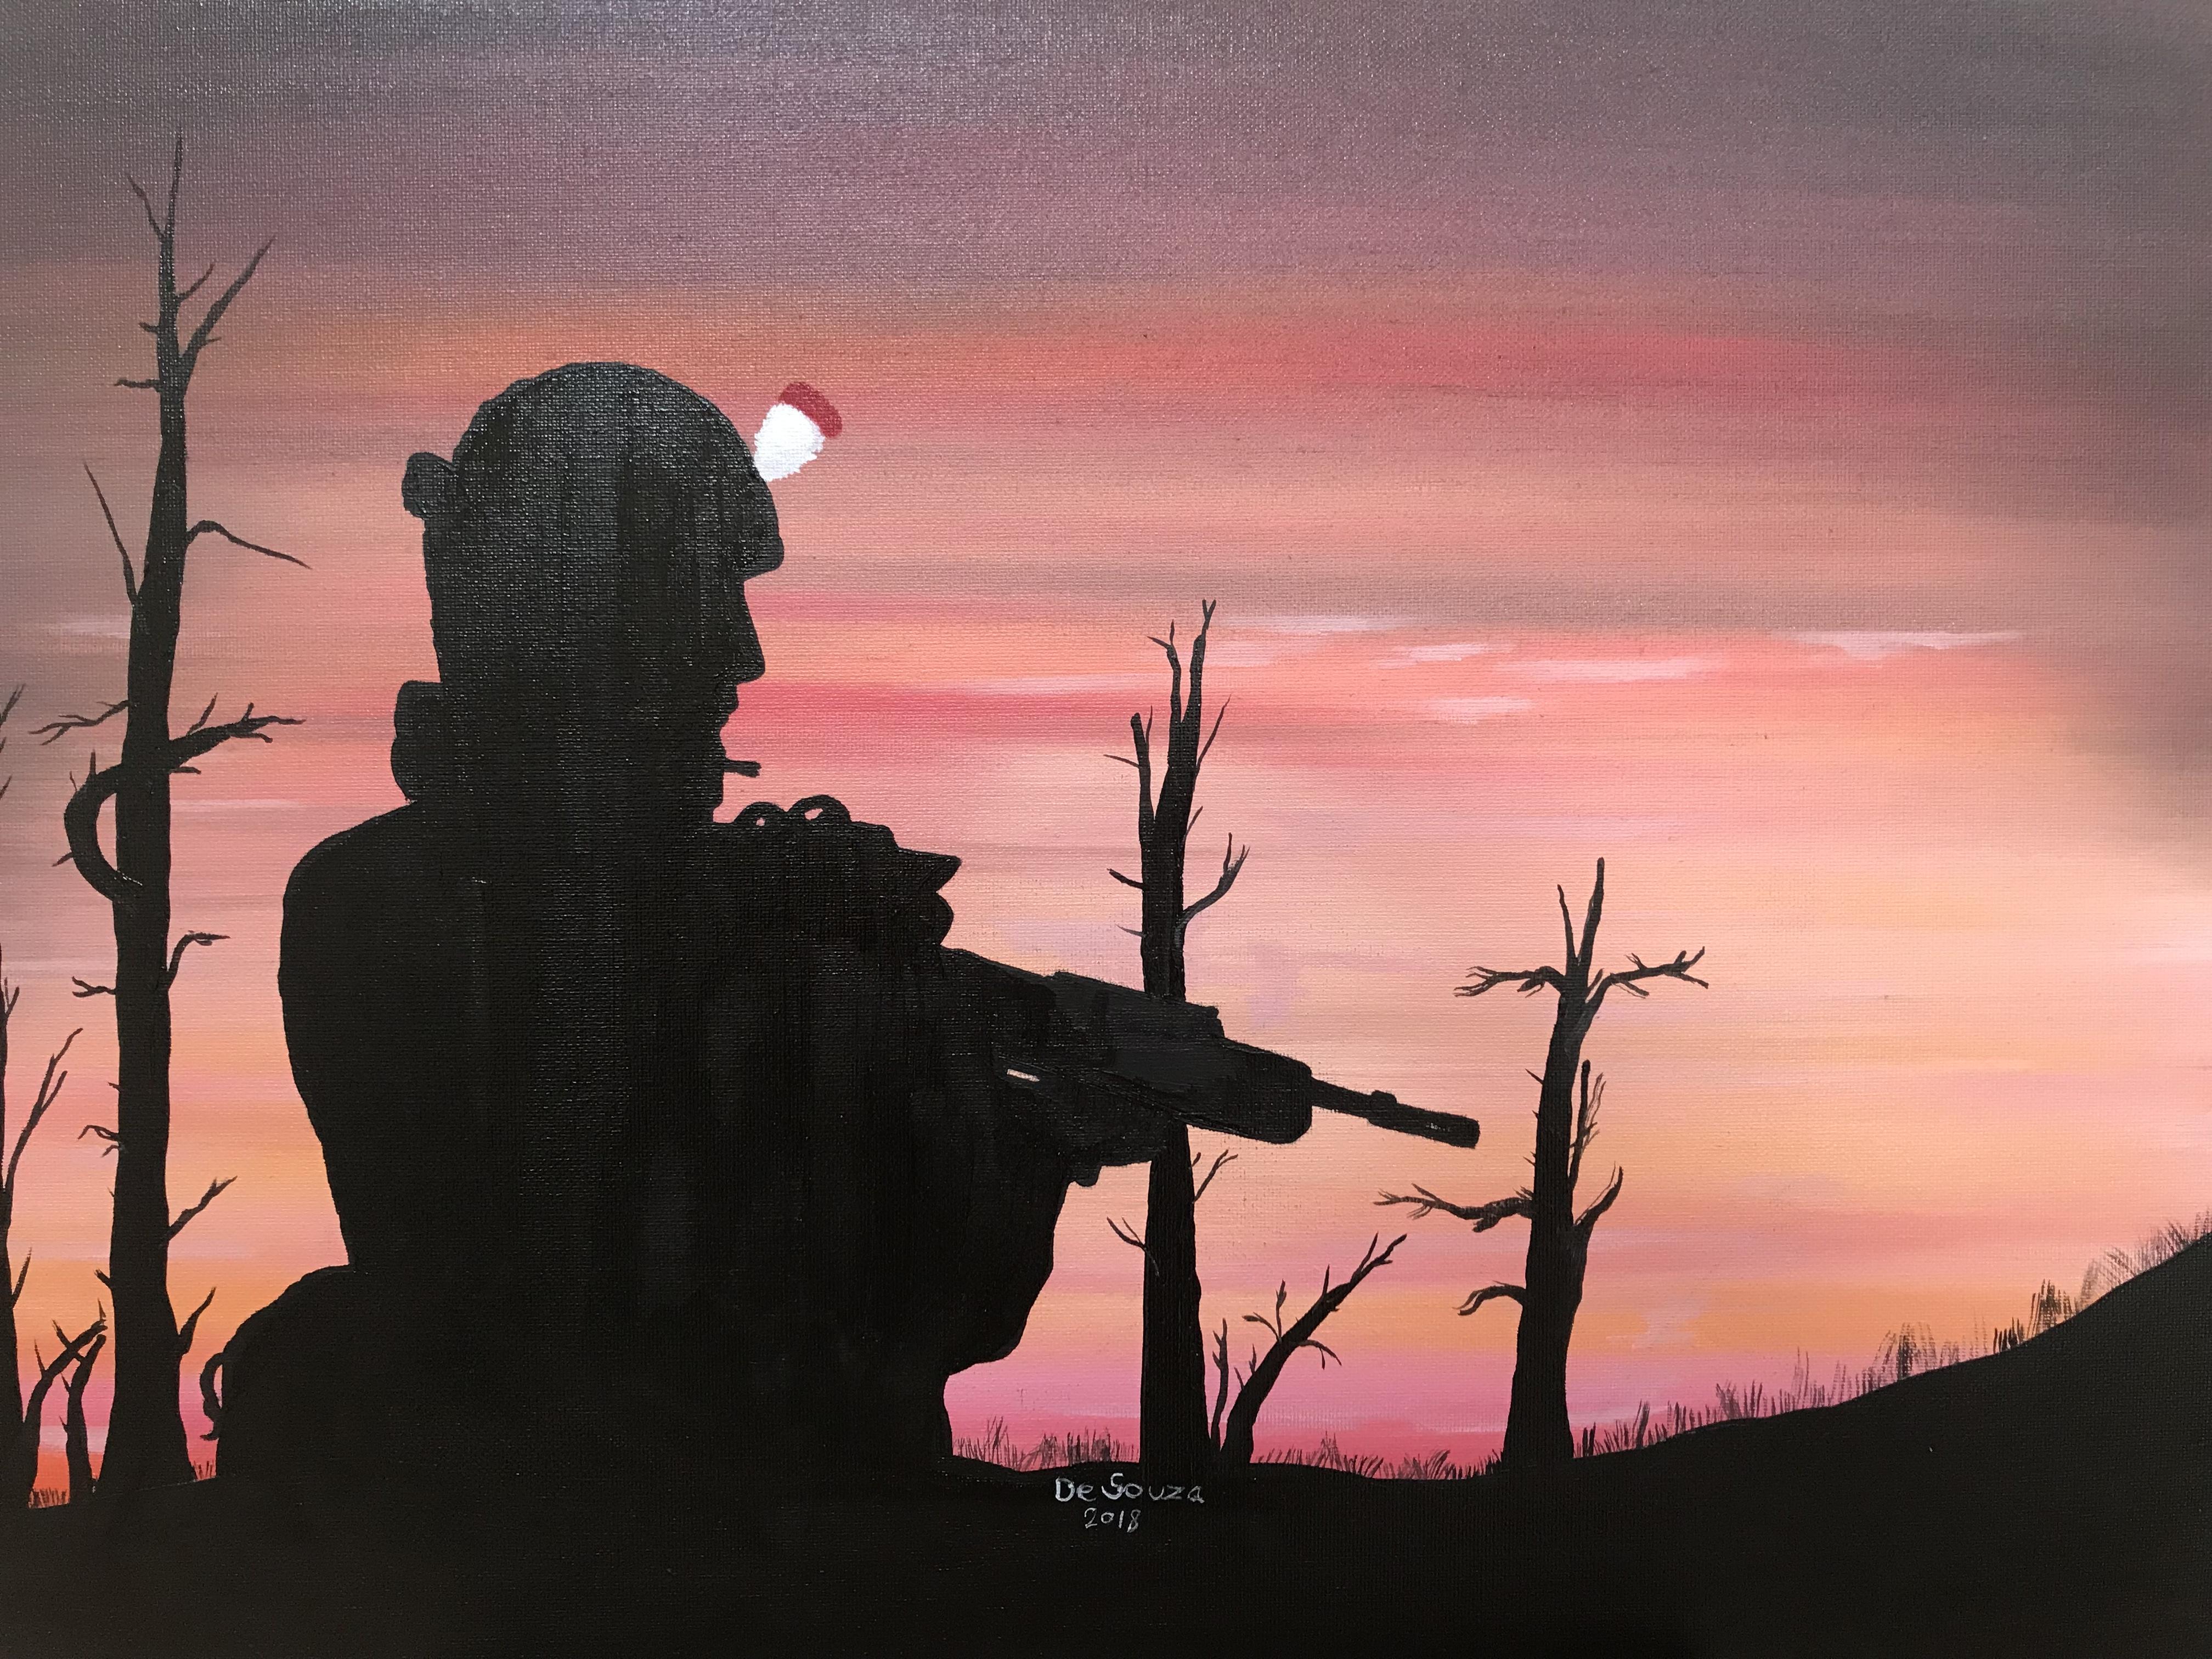 silohette sunset by Davethepioneer